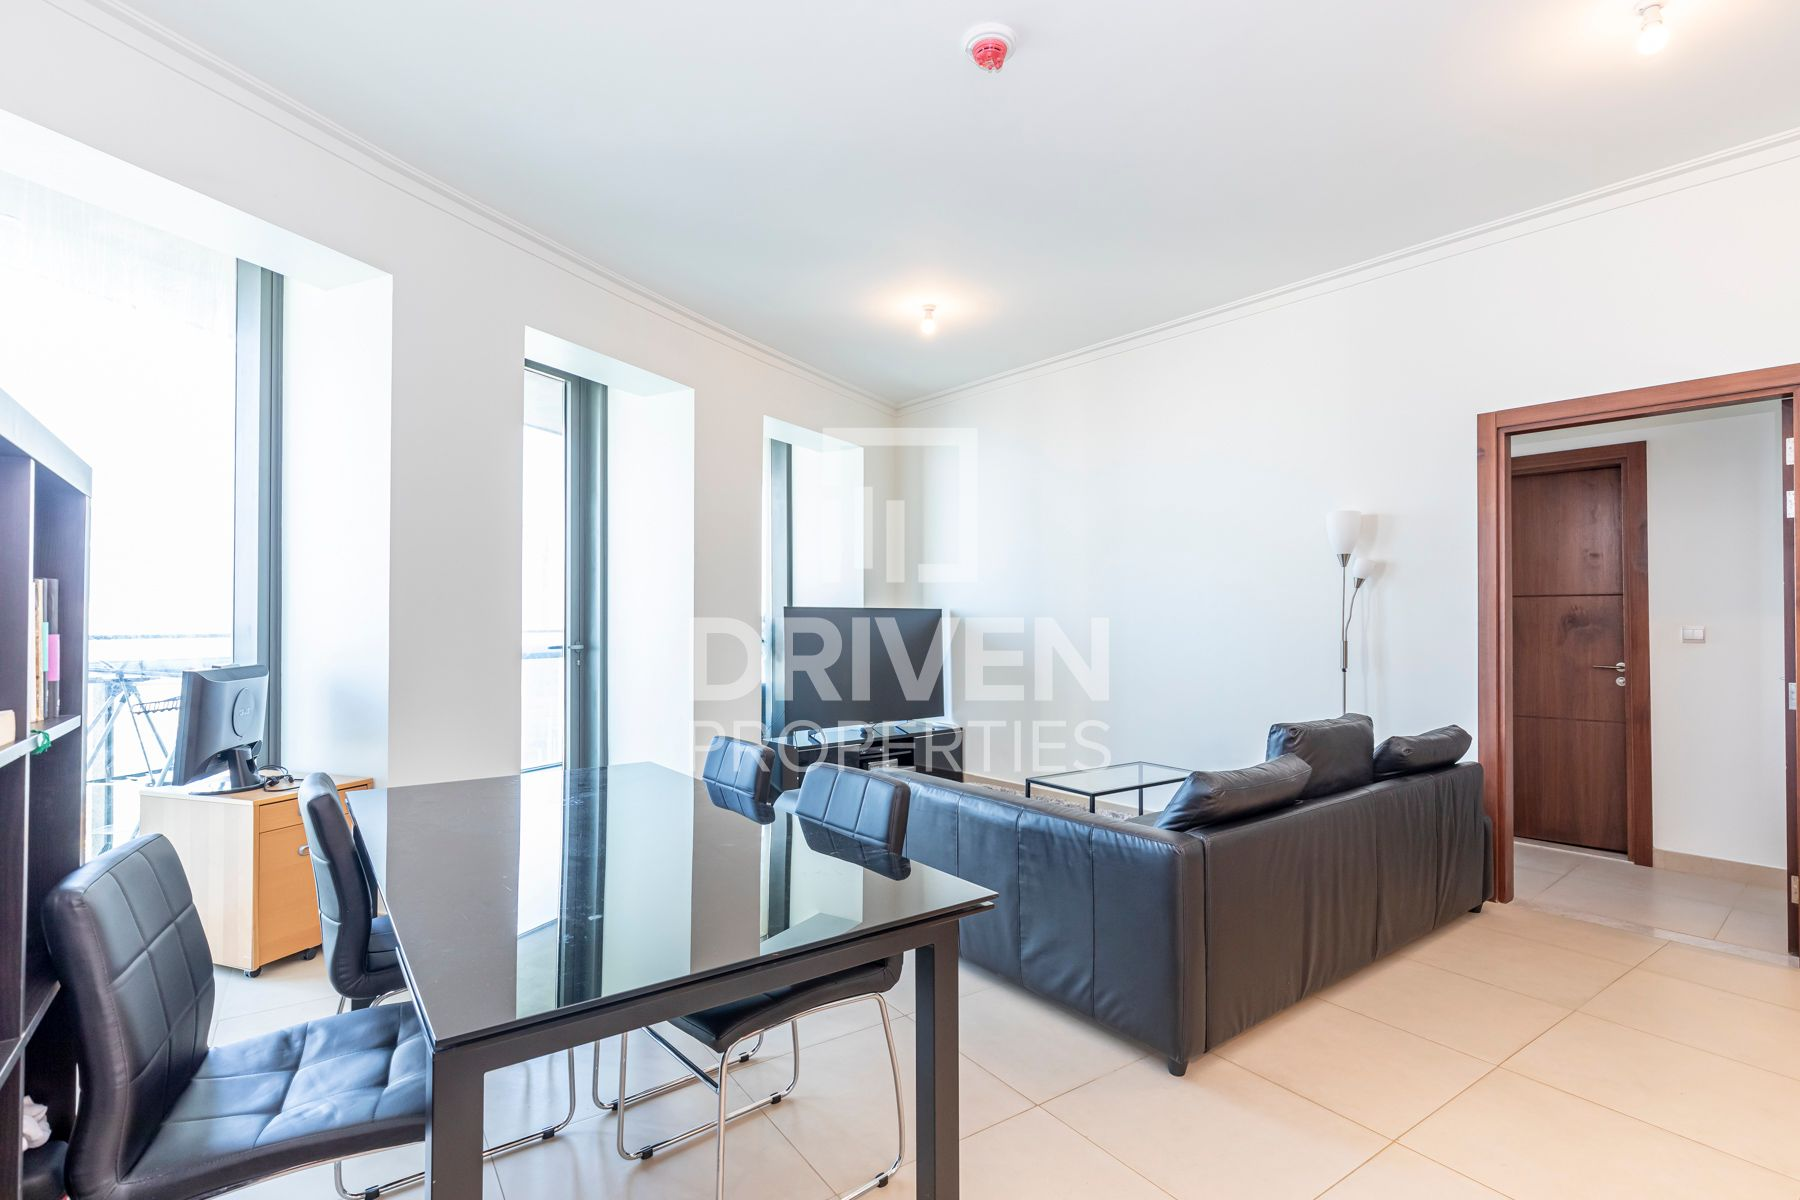 1,336 قدم مربع  شقة - للبيع - دبي وسط المدينة